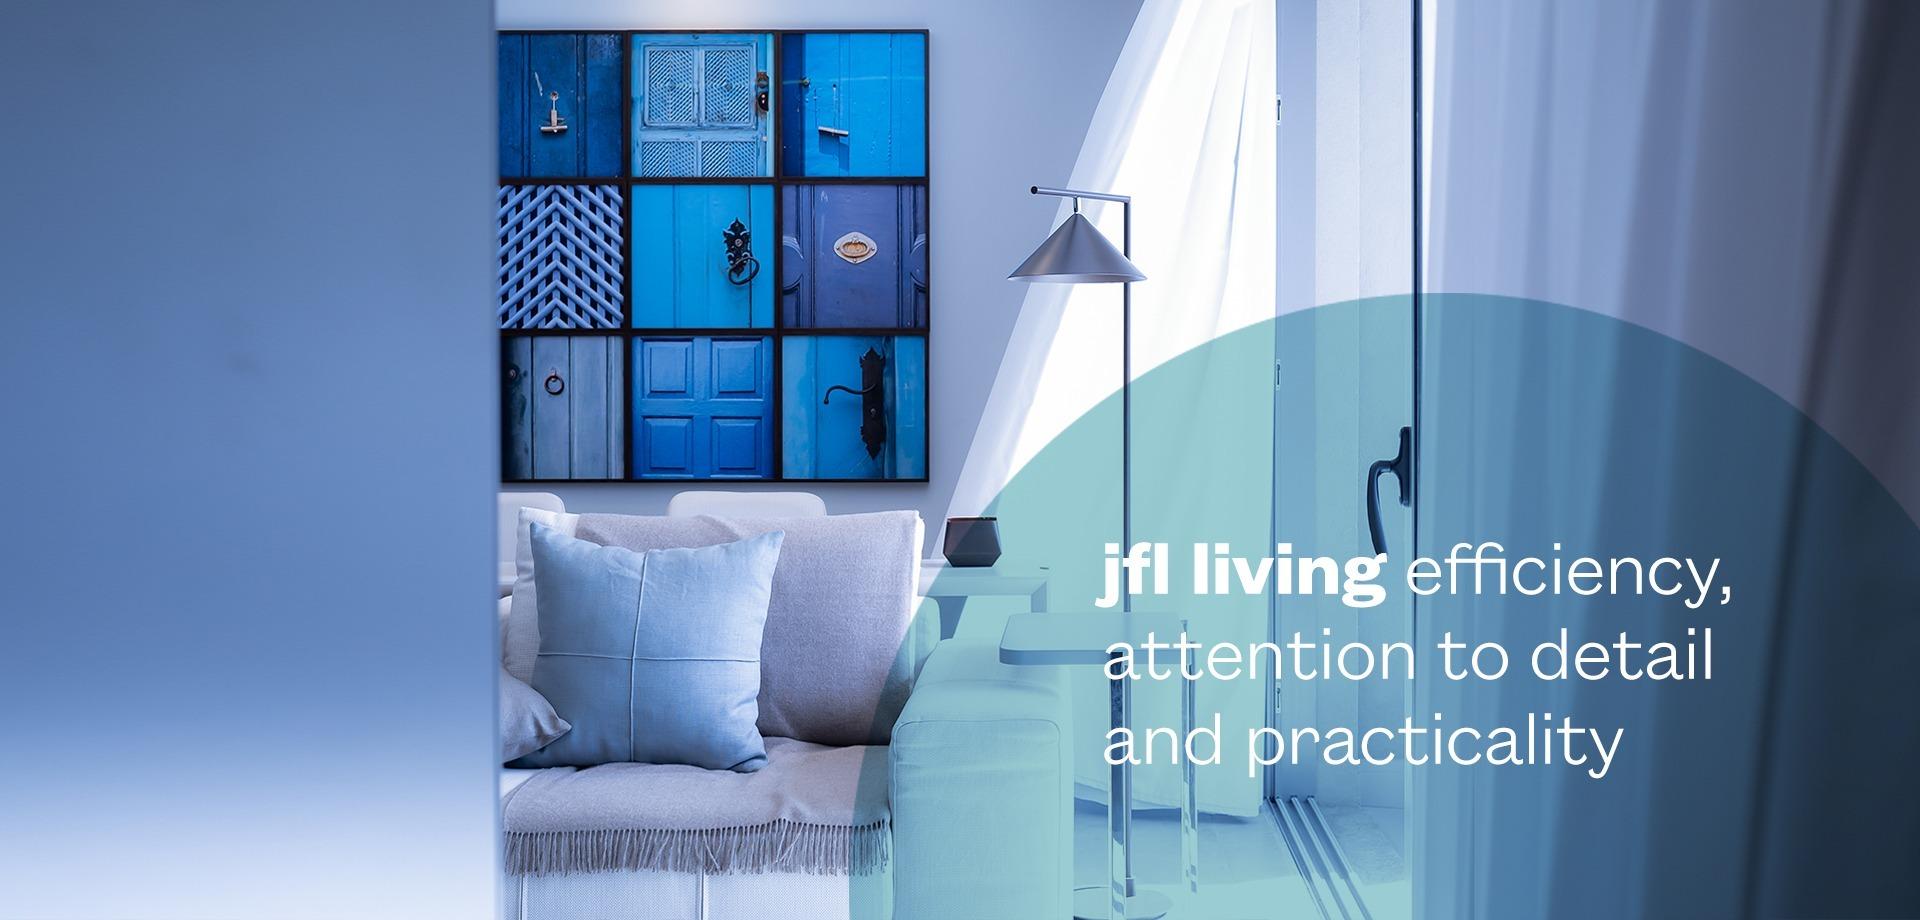 JFLLiving Desk 1 - A JFL Living EN